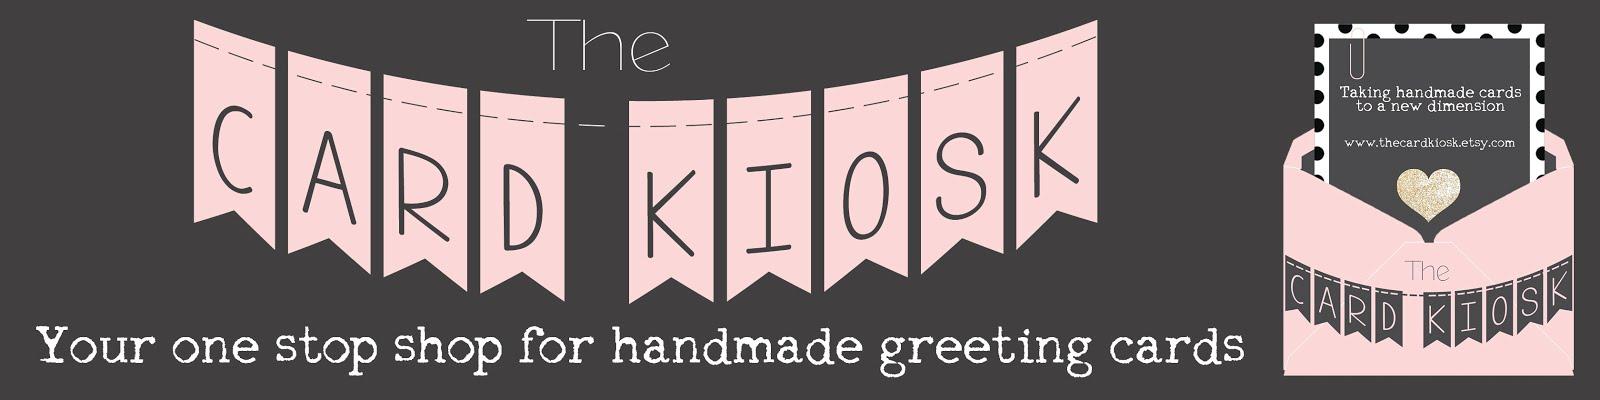 The Card Kiosk Etsy Shop